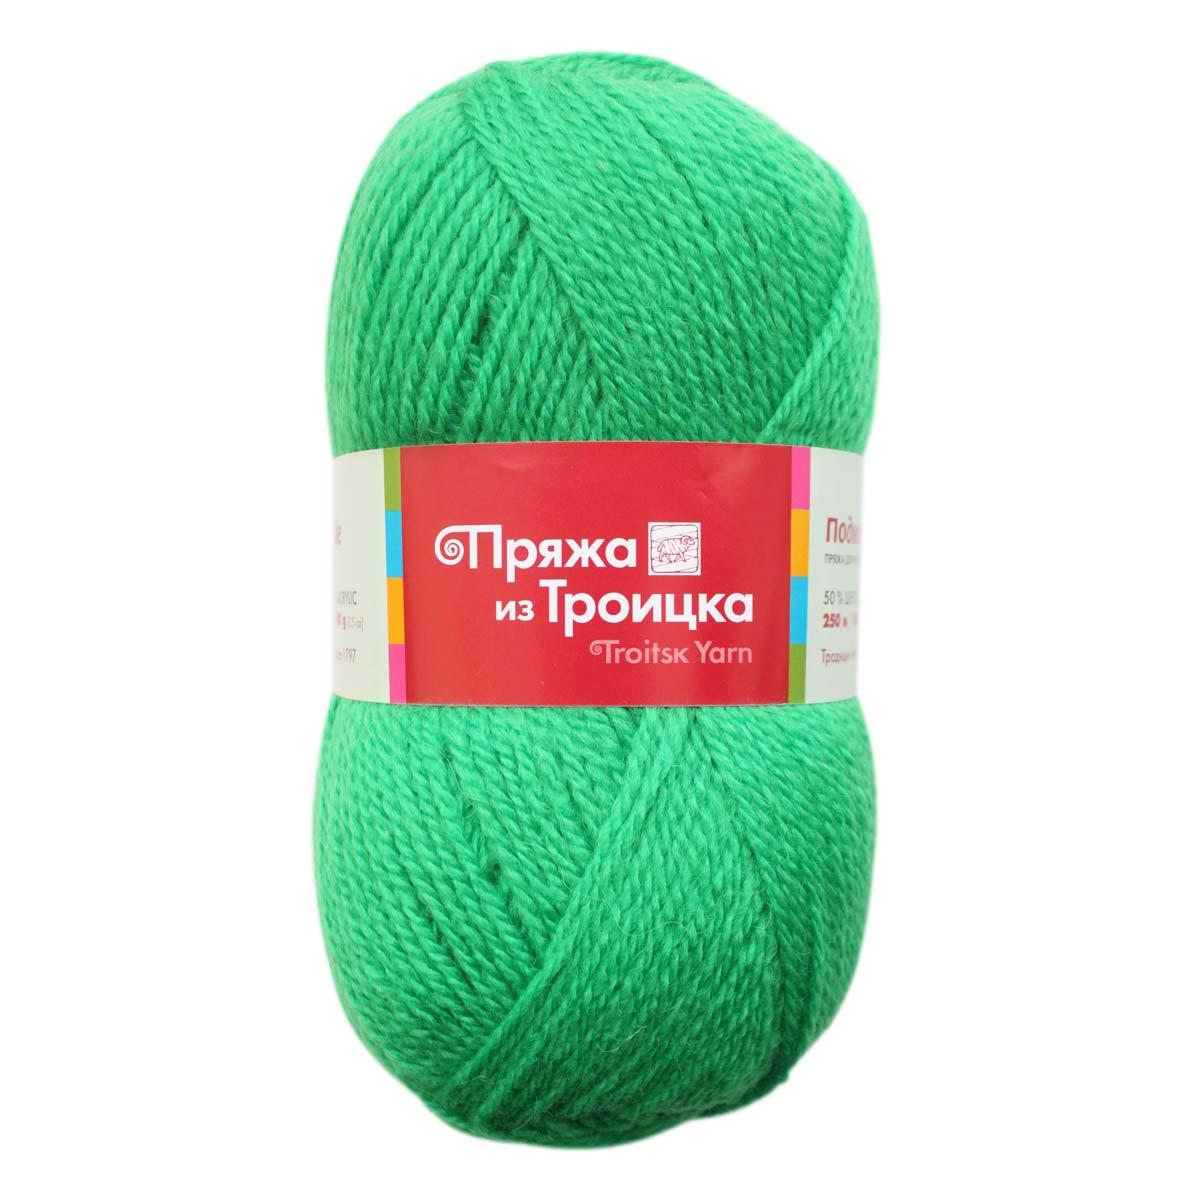 Пряжа из Троицка 'Подмосковная' (50%шерсть, 50%акрил) (0723 ярко-зеленый)